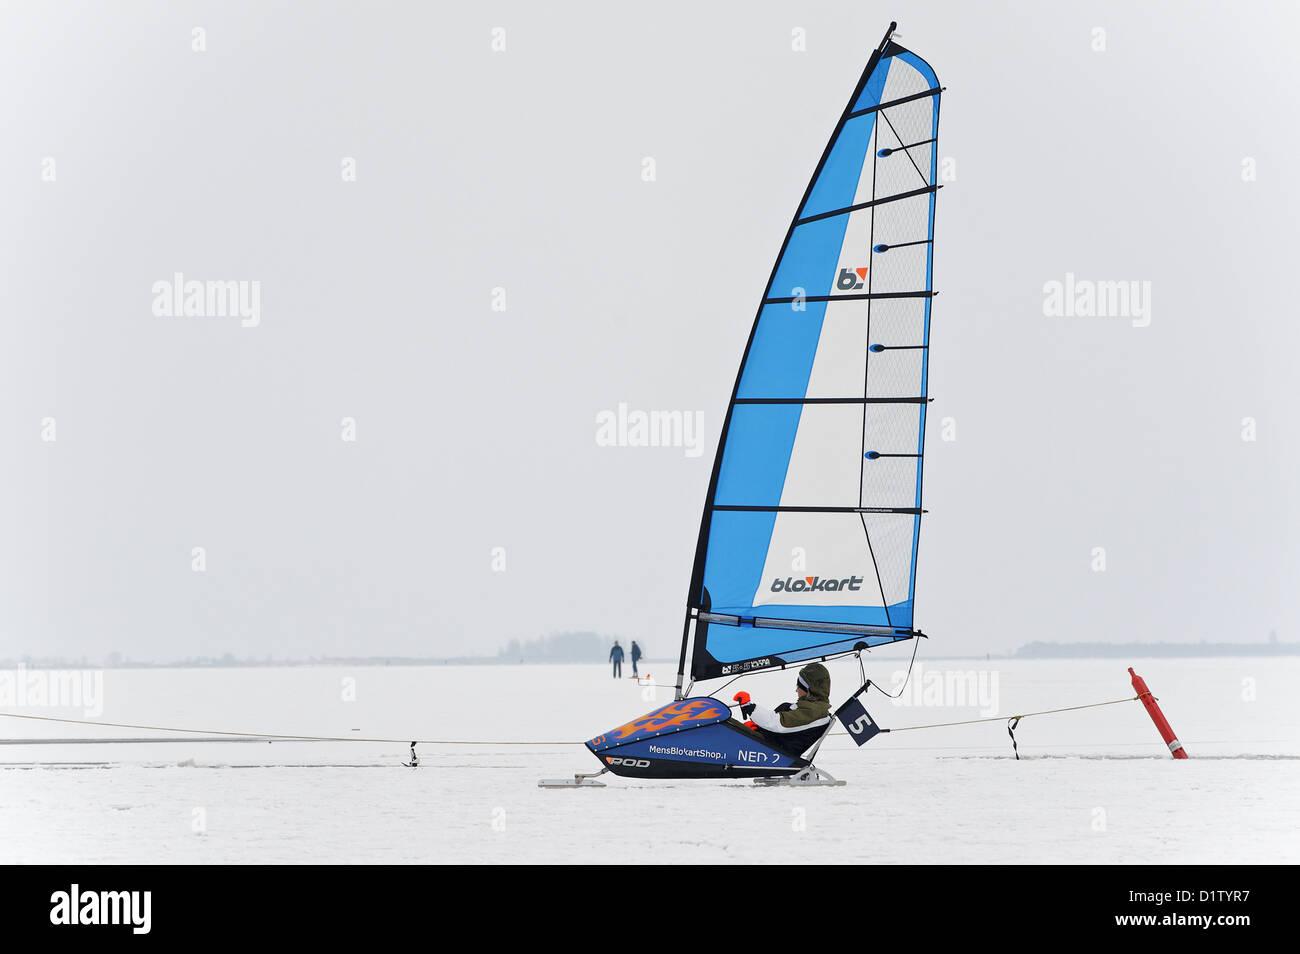 La planche à voile sur glace sur un lac gelé dans les Pays-Bas Photo Stock